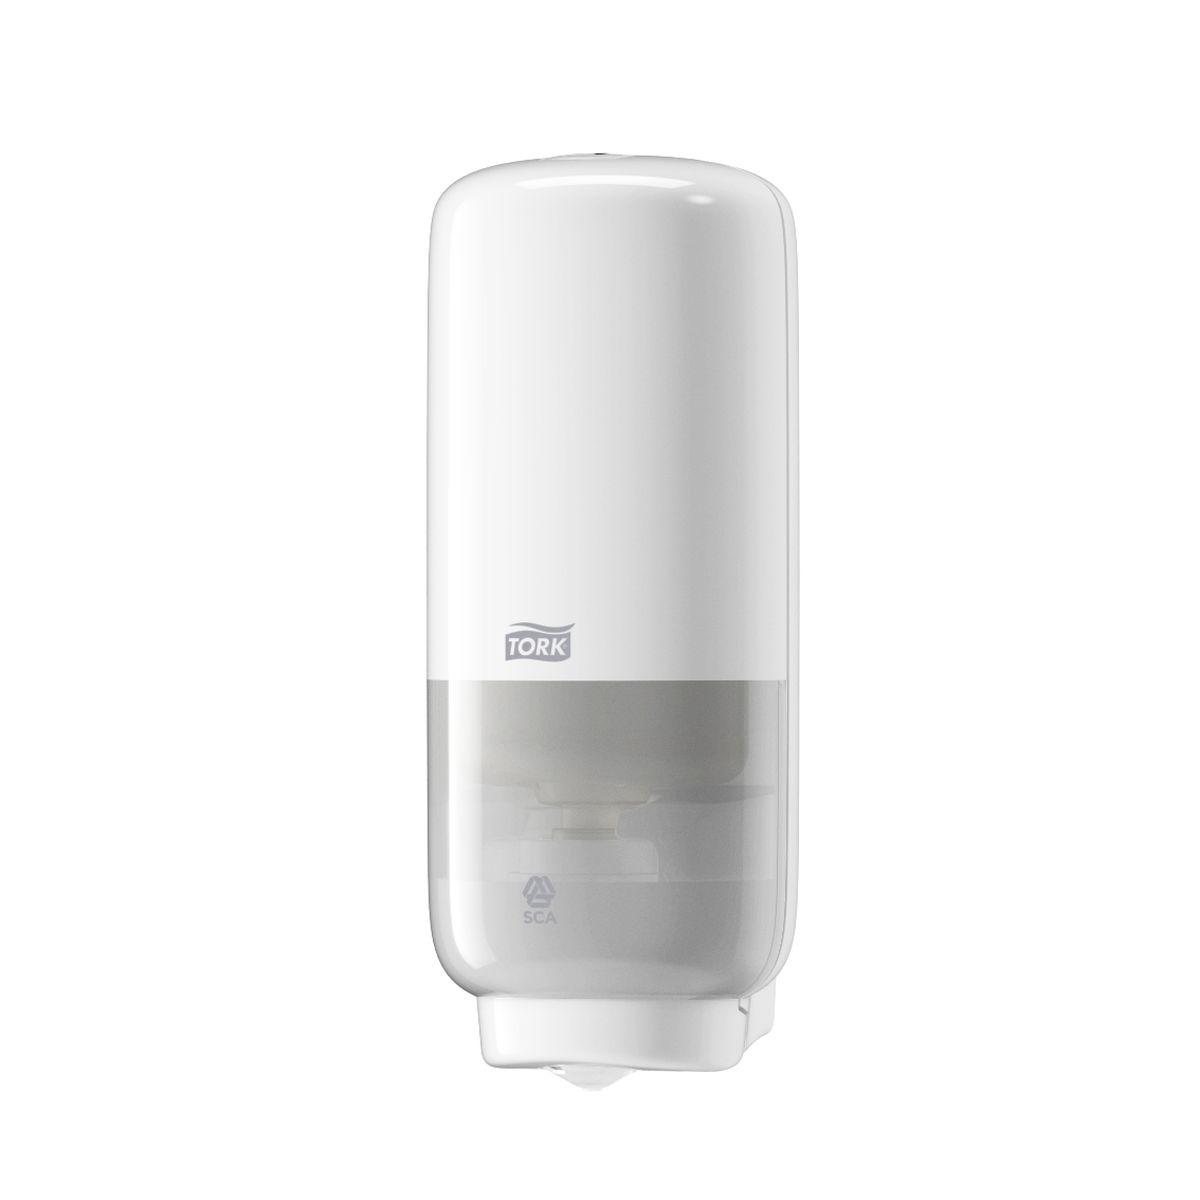 Диспенсер для мыла Tork, сенсорный, цвет: белый. 561600561600Диспенсер Torkудачно сочетает стильный дизайн и функциональность, и подходят для любых туалетных комнат. Изготовлен из ударопрочного пластика. Работают на картриджах мыла-пены Tork системы S4.Сенсорный механизм подачи мыла; Цветовые индикаторы расхода картриджа и заряда батареи;Перезаправка за несколько секунд; Дозирует 0,4 мл мыла-пены. Работает на 4 алкалиновых элементах серии С.